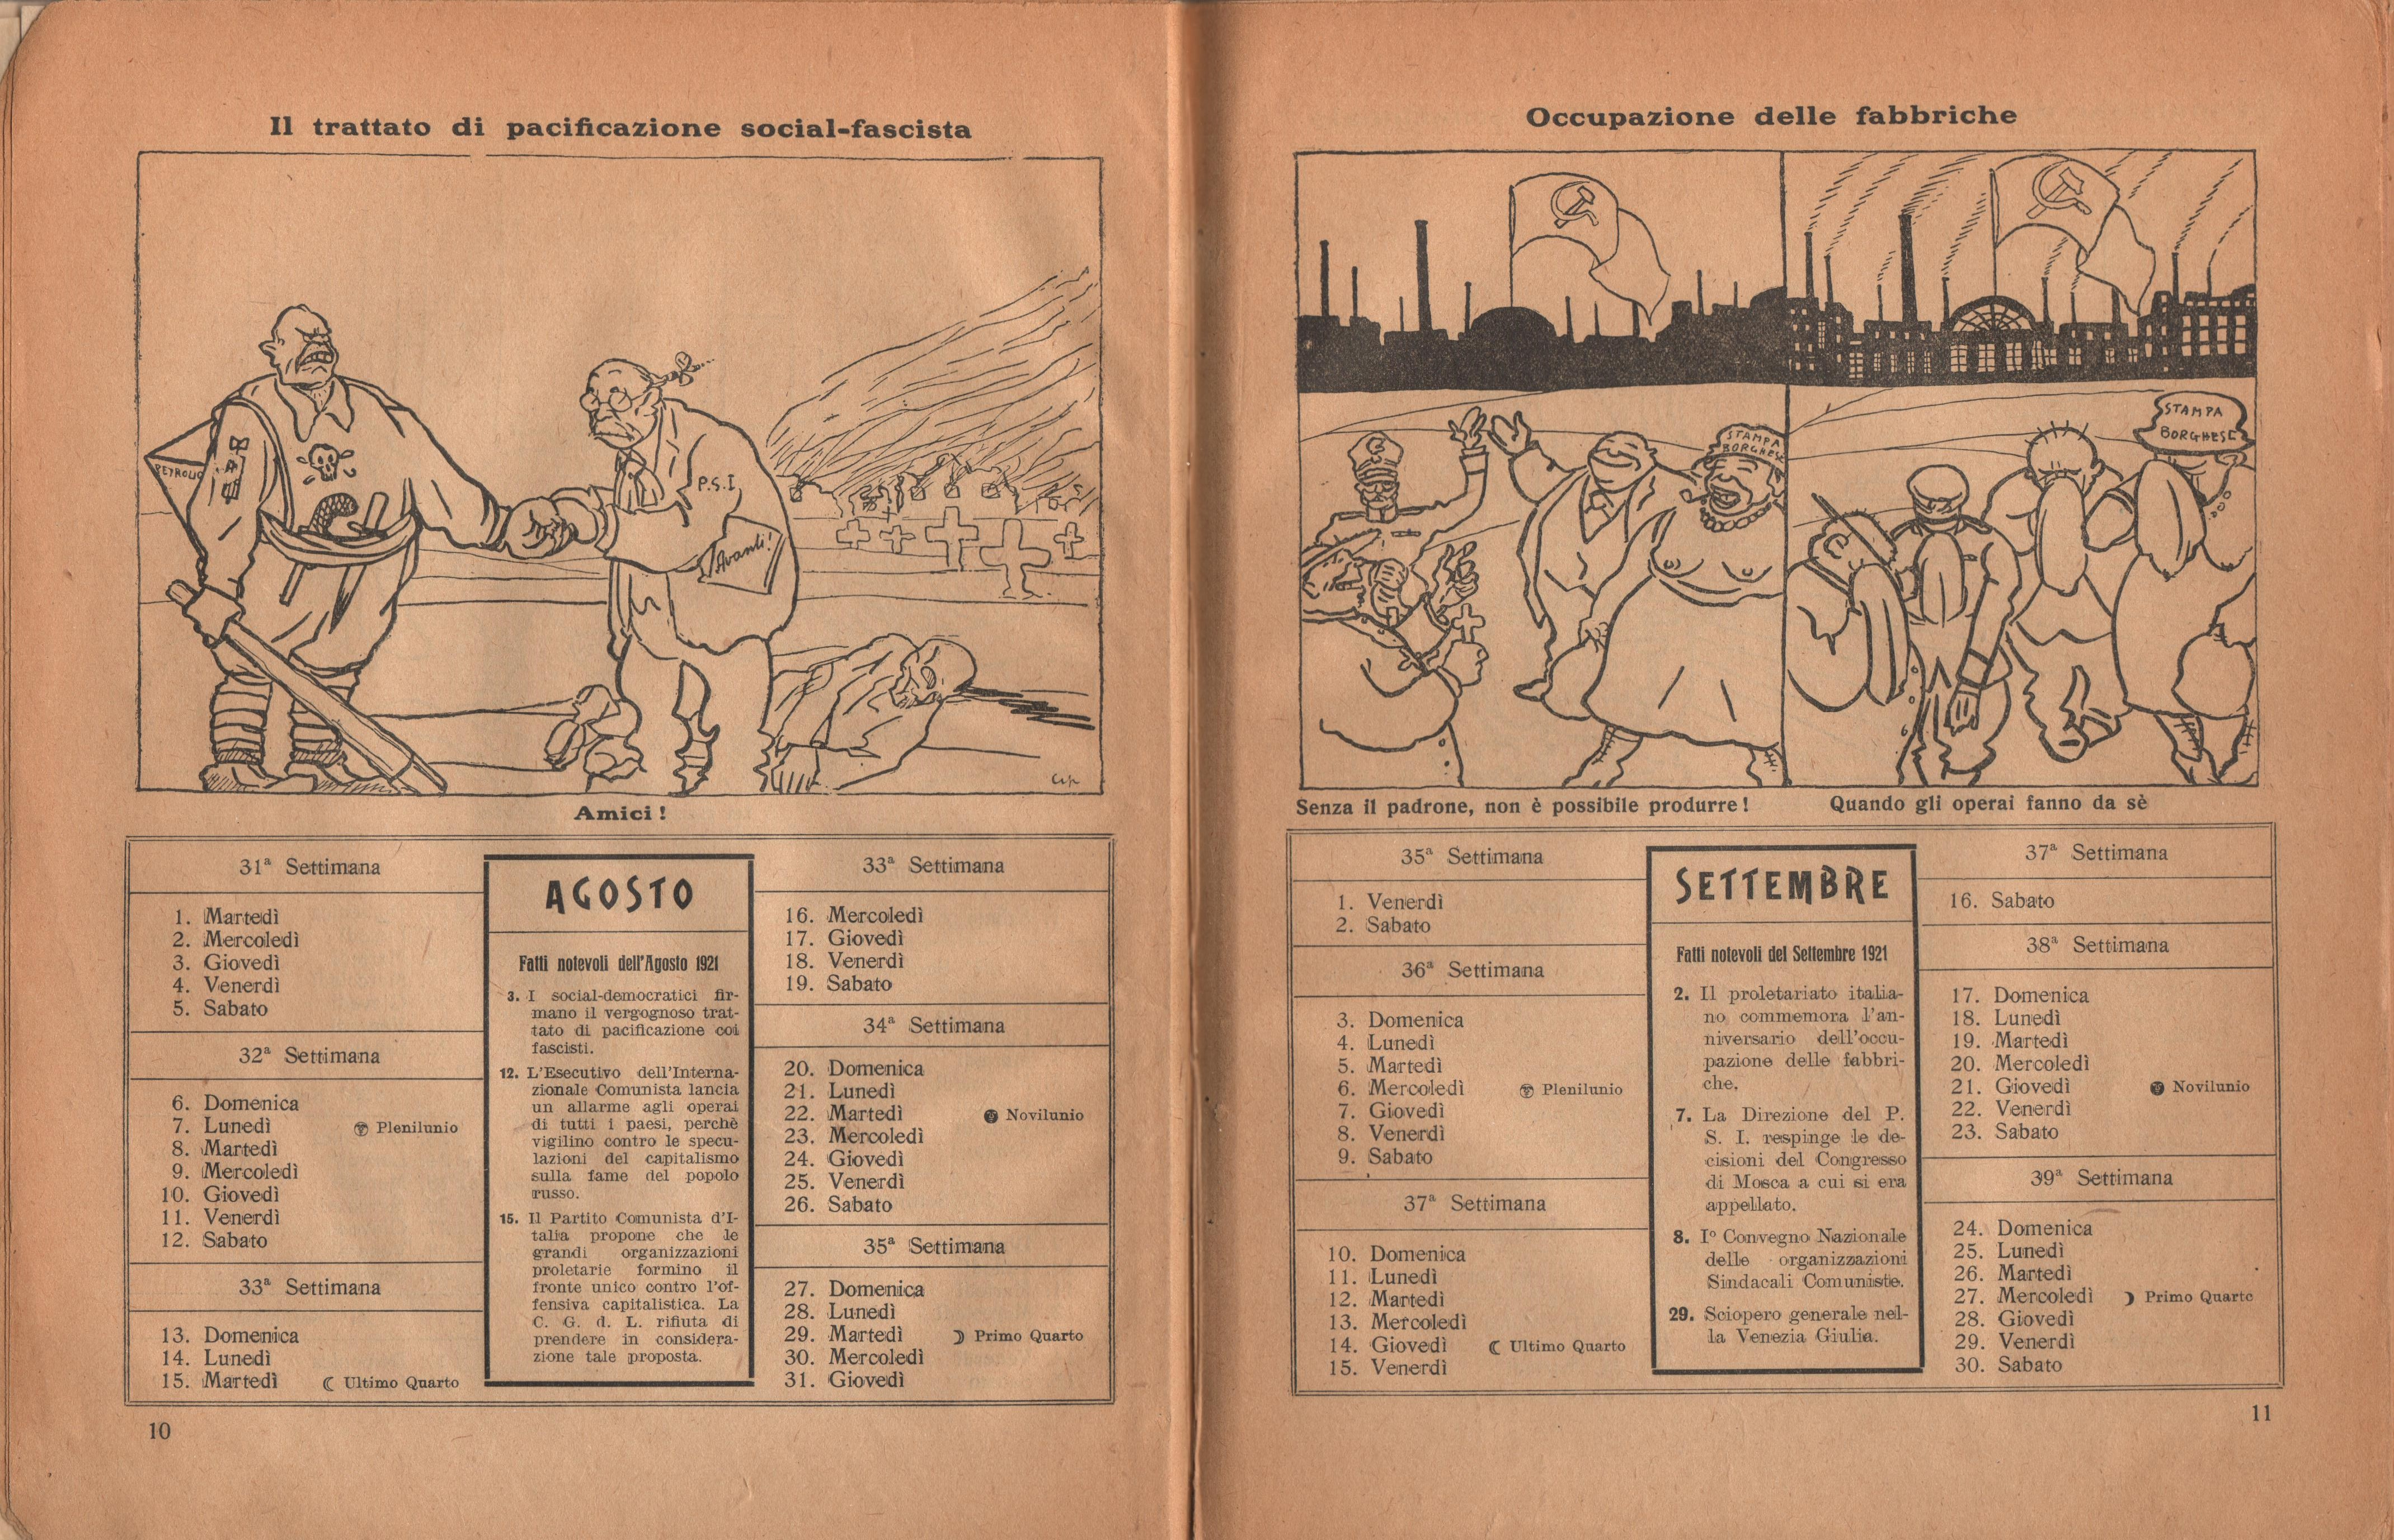 Almanacco comunista 1922 - pag. 7